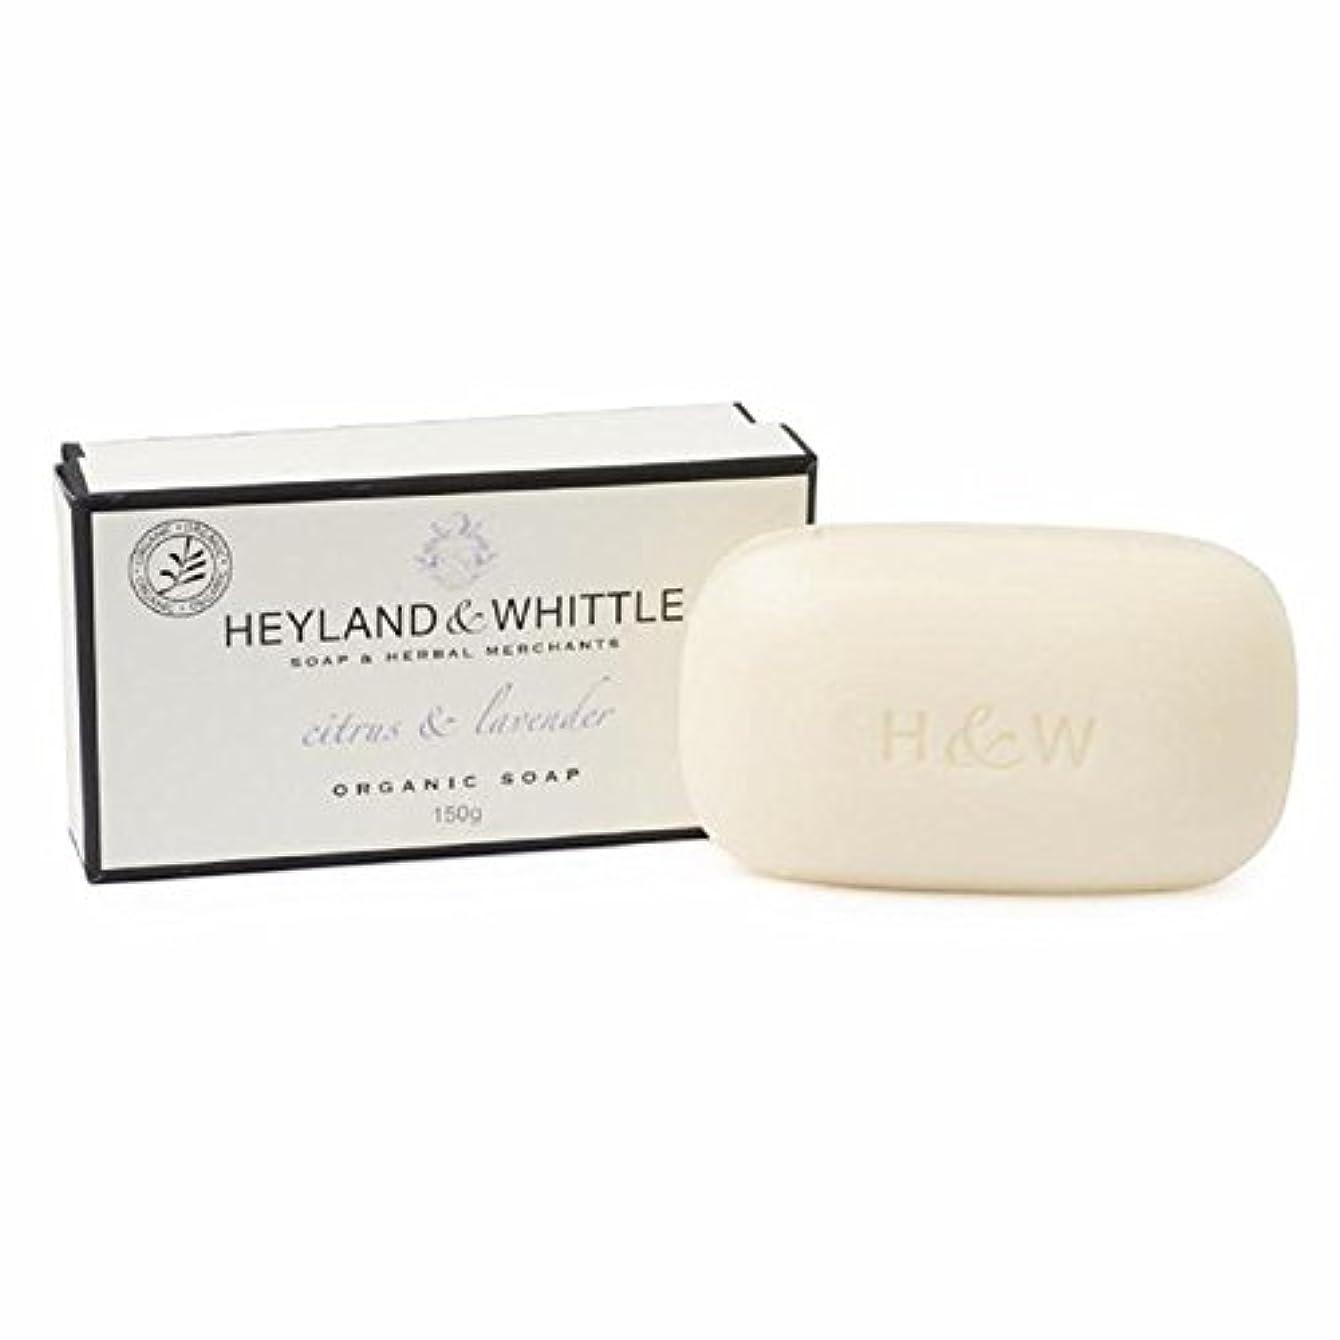 アレルギー性同意する熟読する&削るシトラス&ラベンダーは、有機石鹸150グラム箱入り x4 - Heyland & Whittle Citrus & Lavender Boxed Organic Soap 150g (Pack of 4) [並行輸入品]